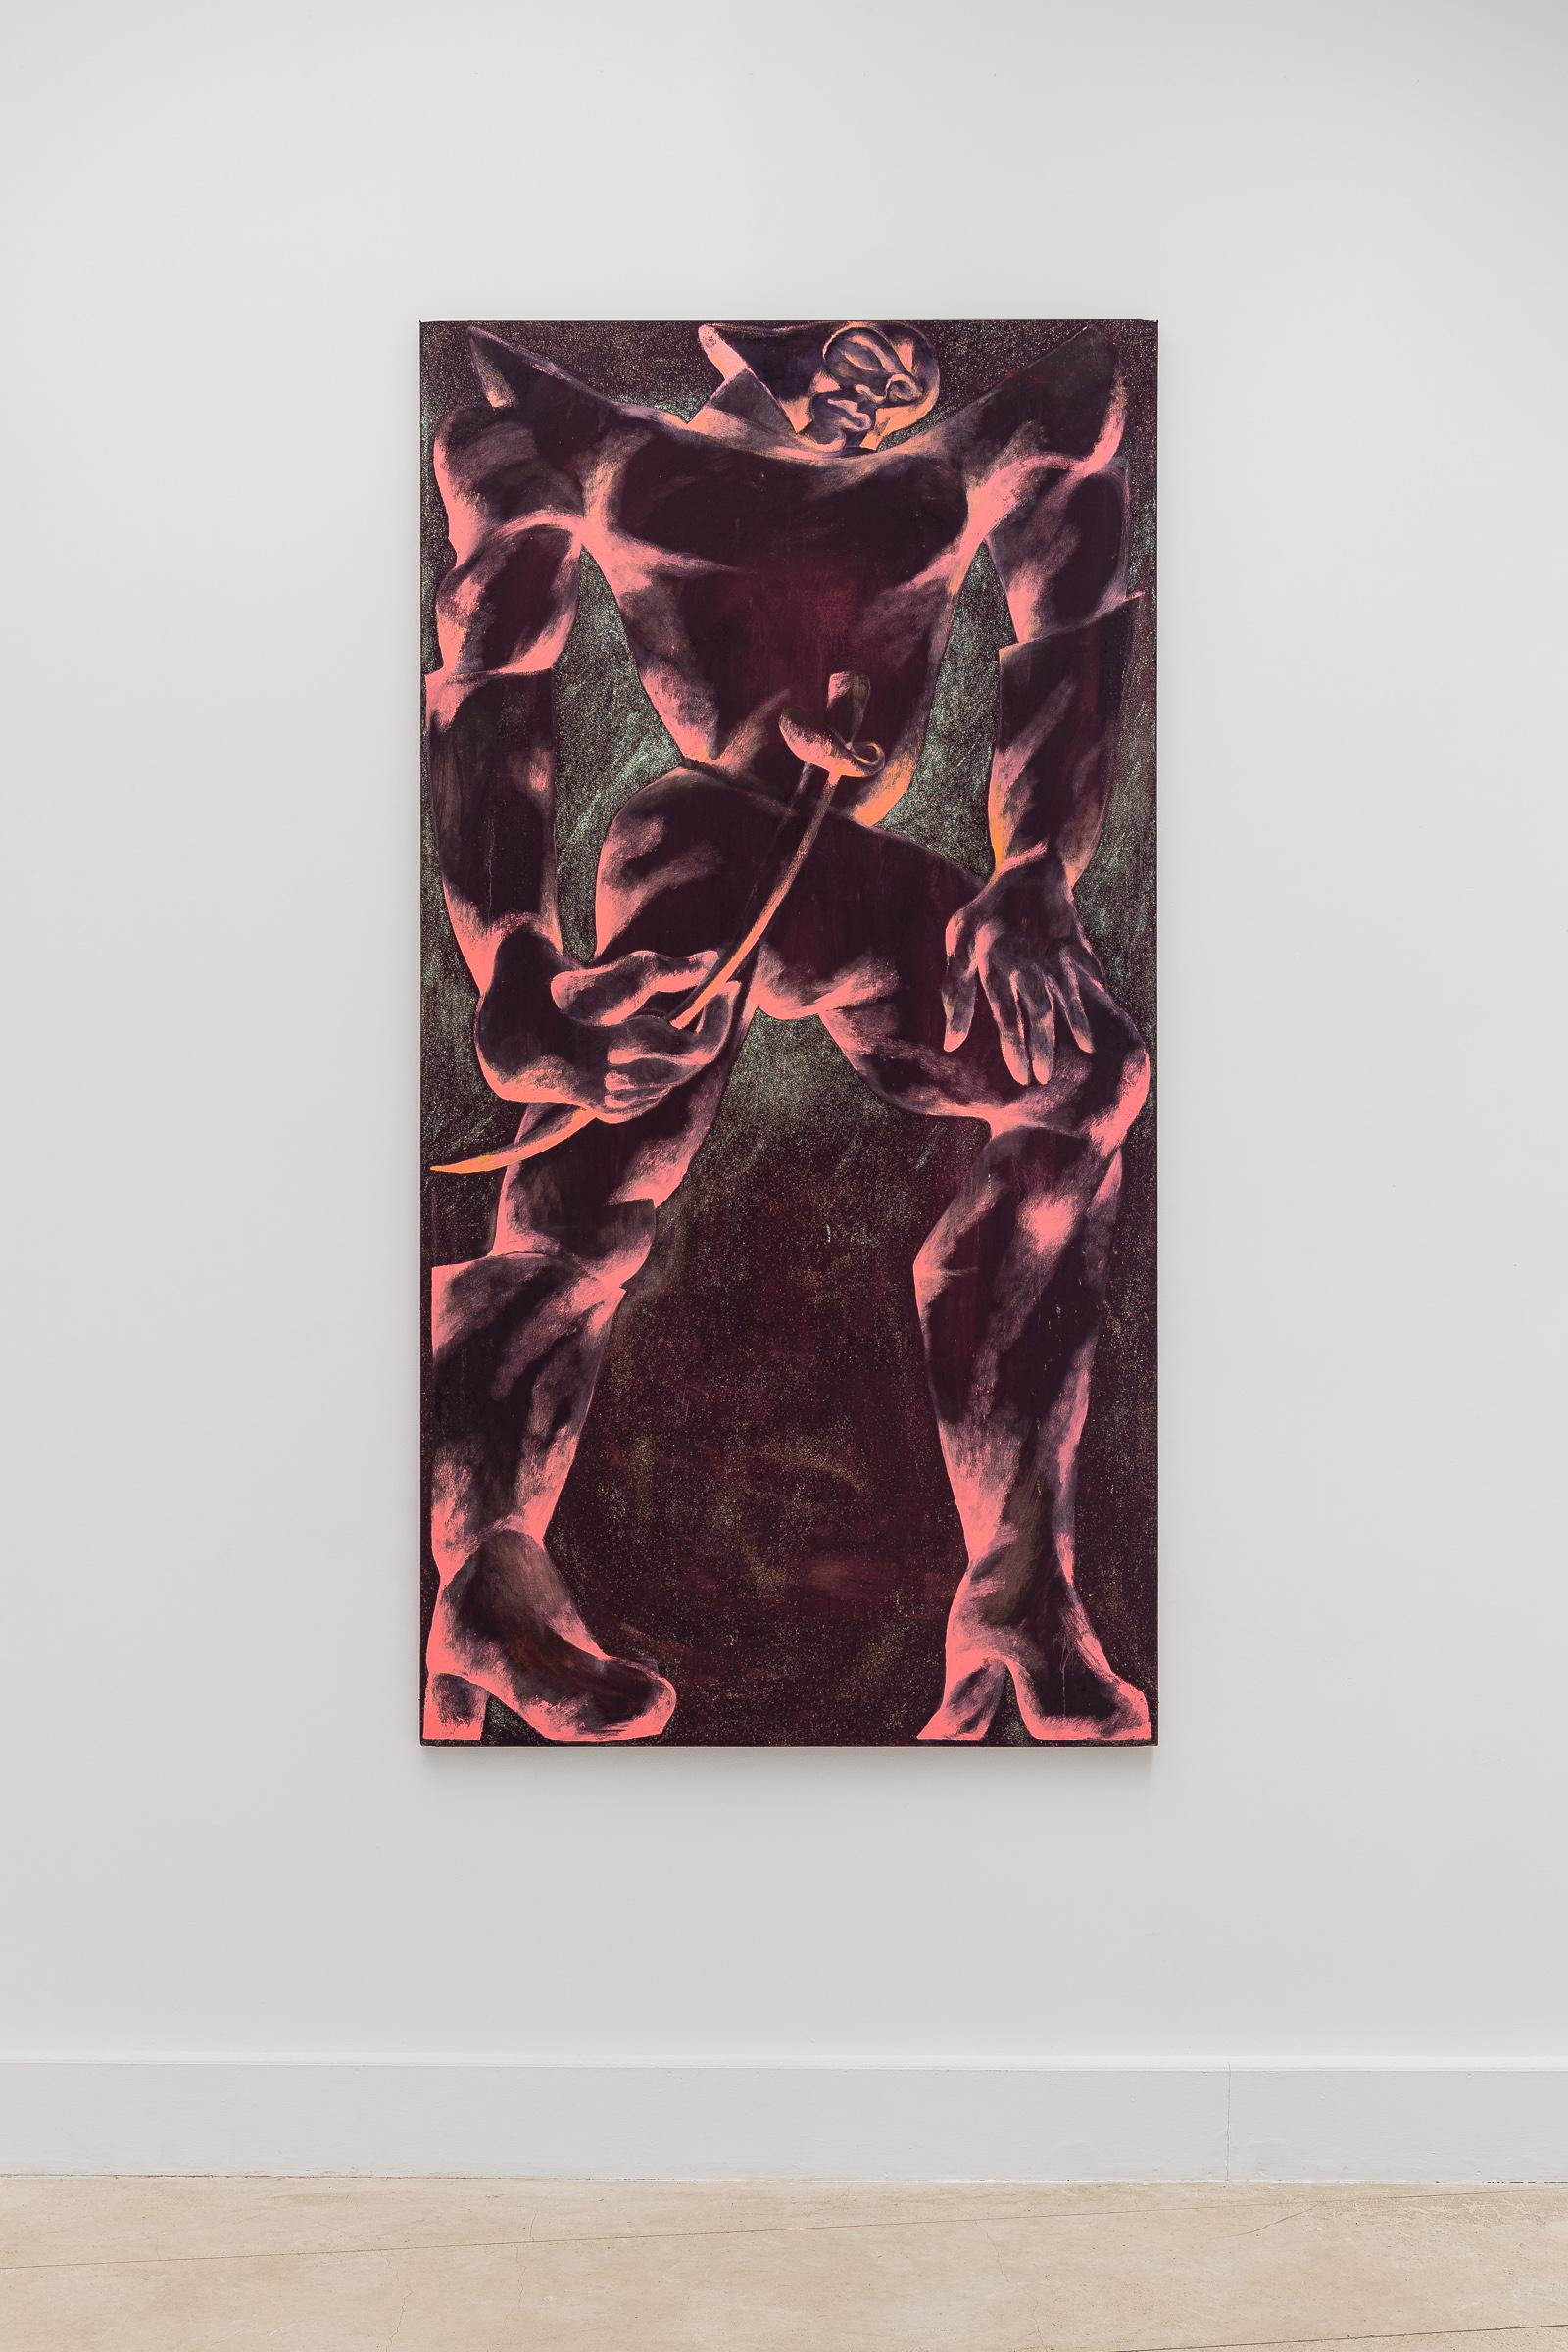 Courtesy of the artist & Galerie Derouillon, Paris Photos: Grégory Copitet